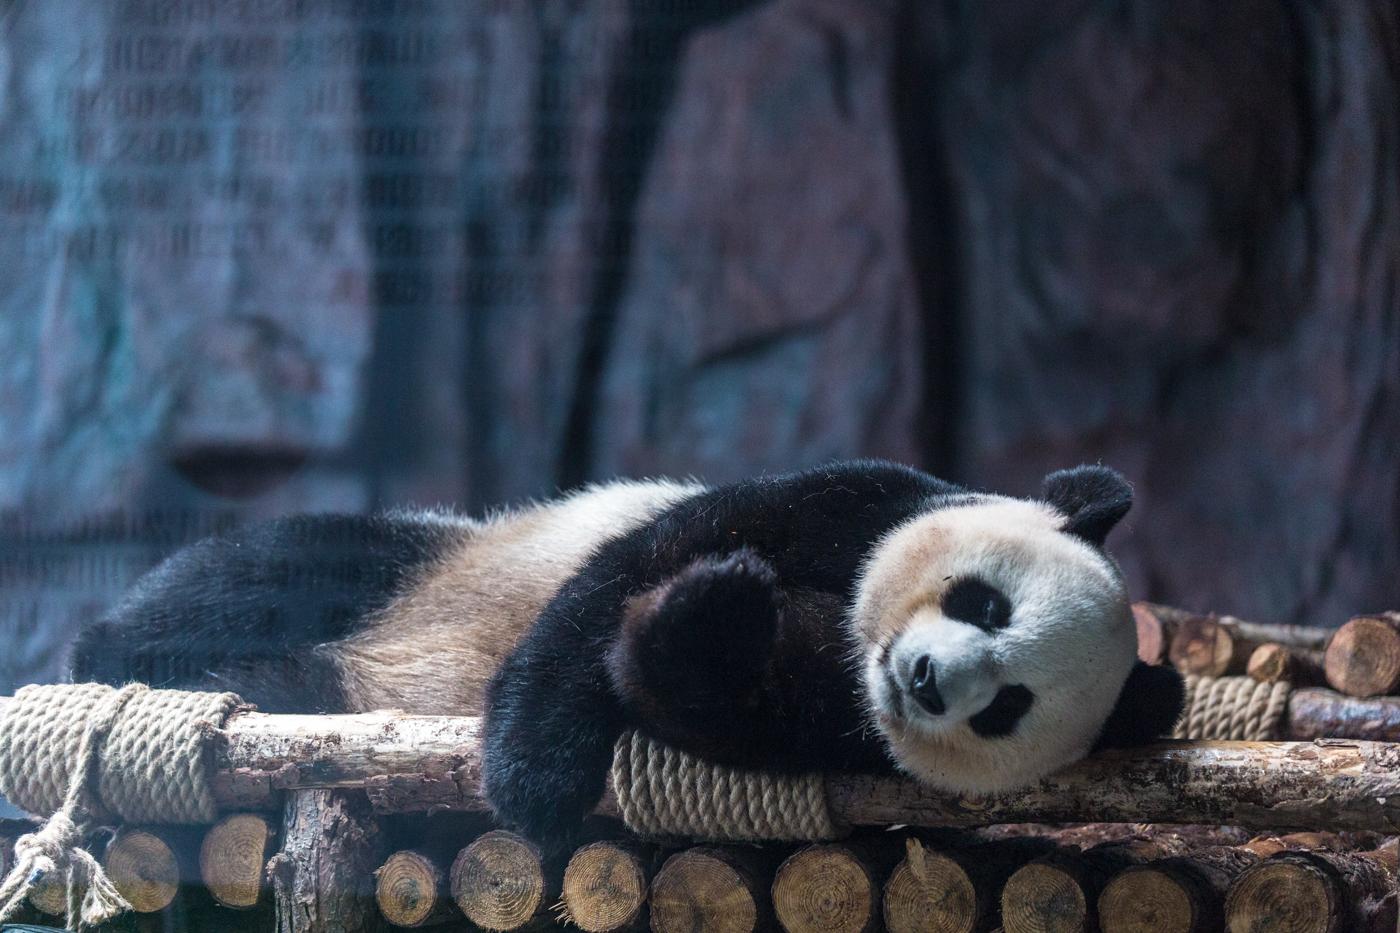 东莞寮步香市动物园门票是多少?香市动物园开放了吗?-大河票务网